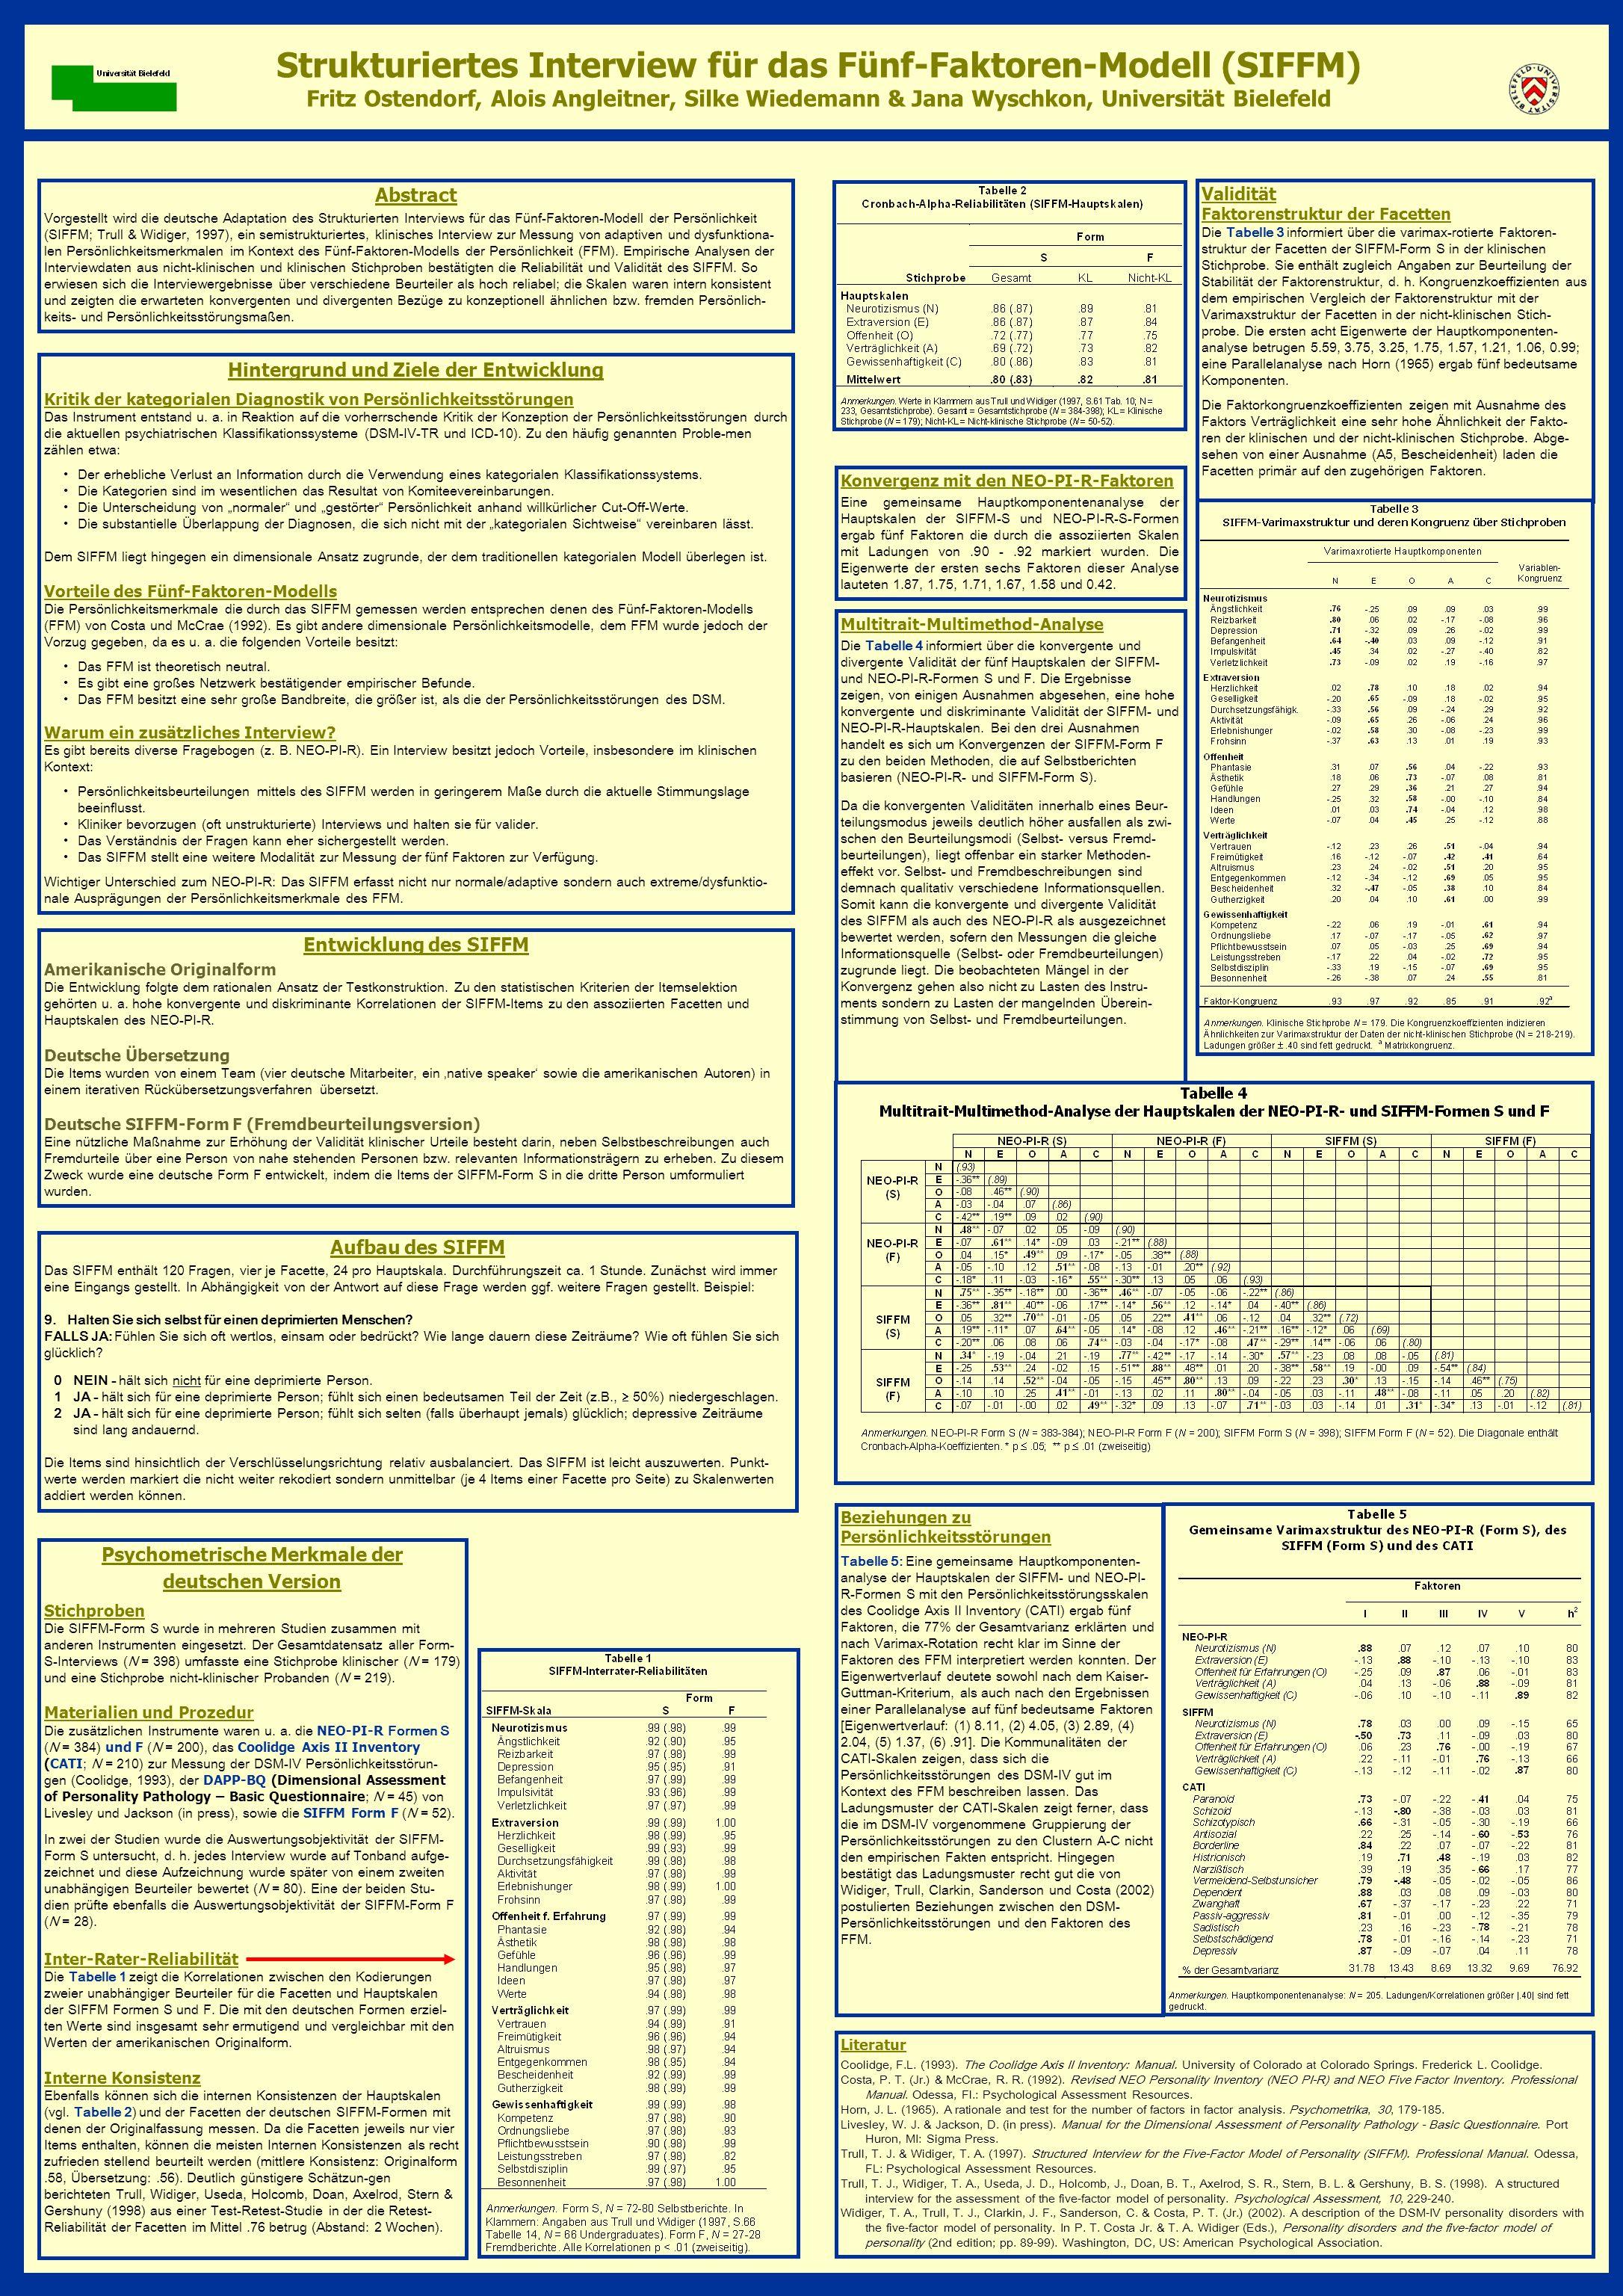 Hintergrund und Ziele der Entwicklung Psychometrische Merkmale der